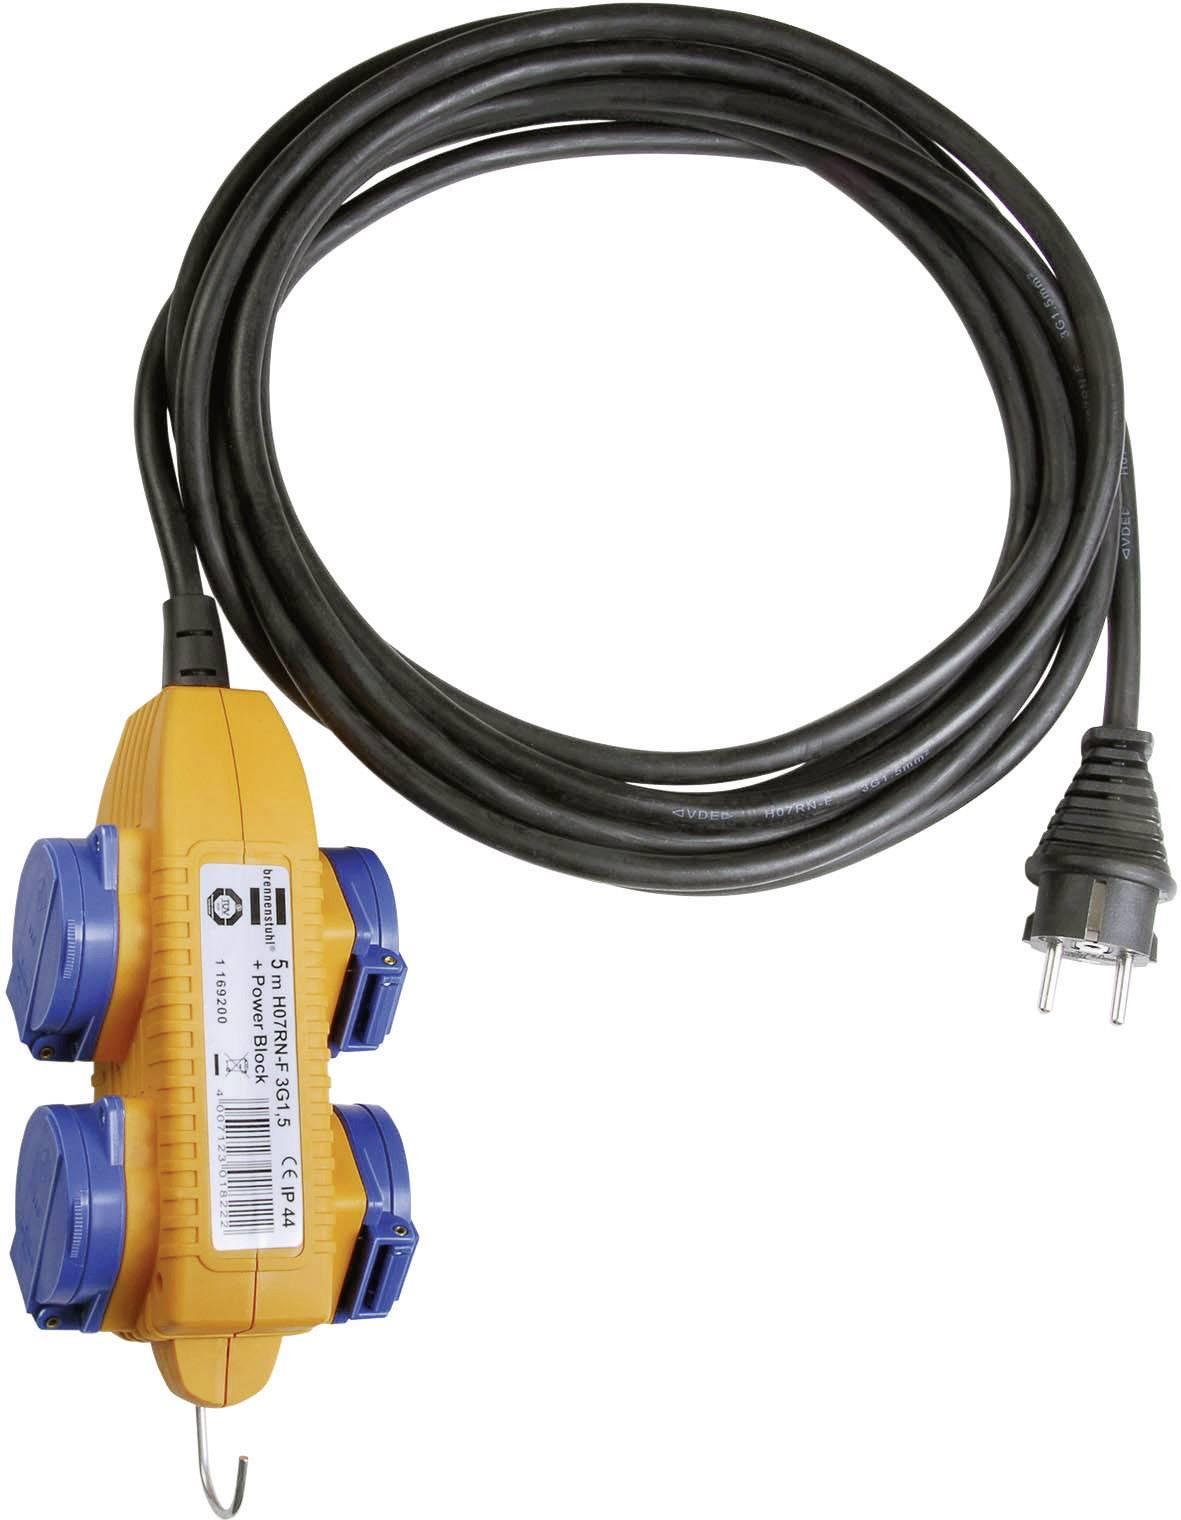 Zásuvková lišta bez vypínača, počet zásuviek 4 Brennenstuhl 1169200, IP44, 5 m, žltá, modrá